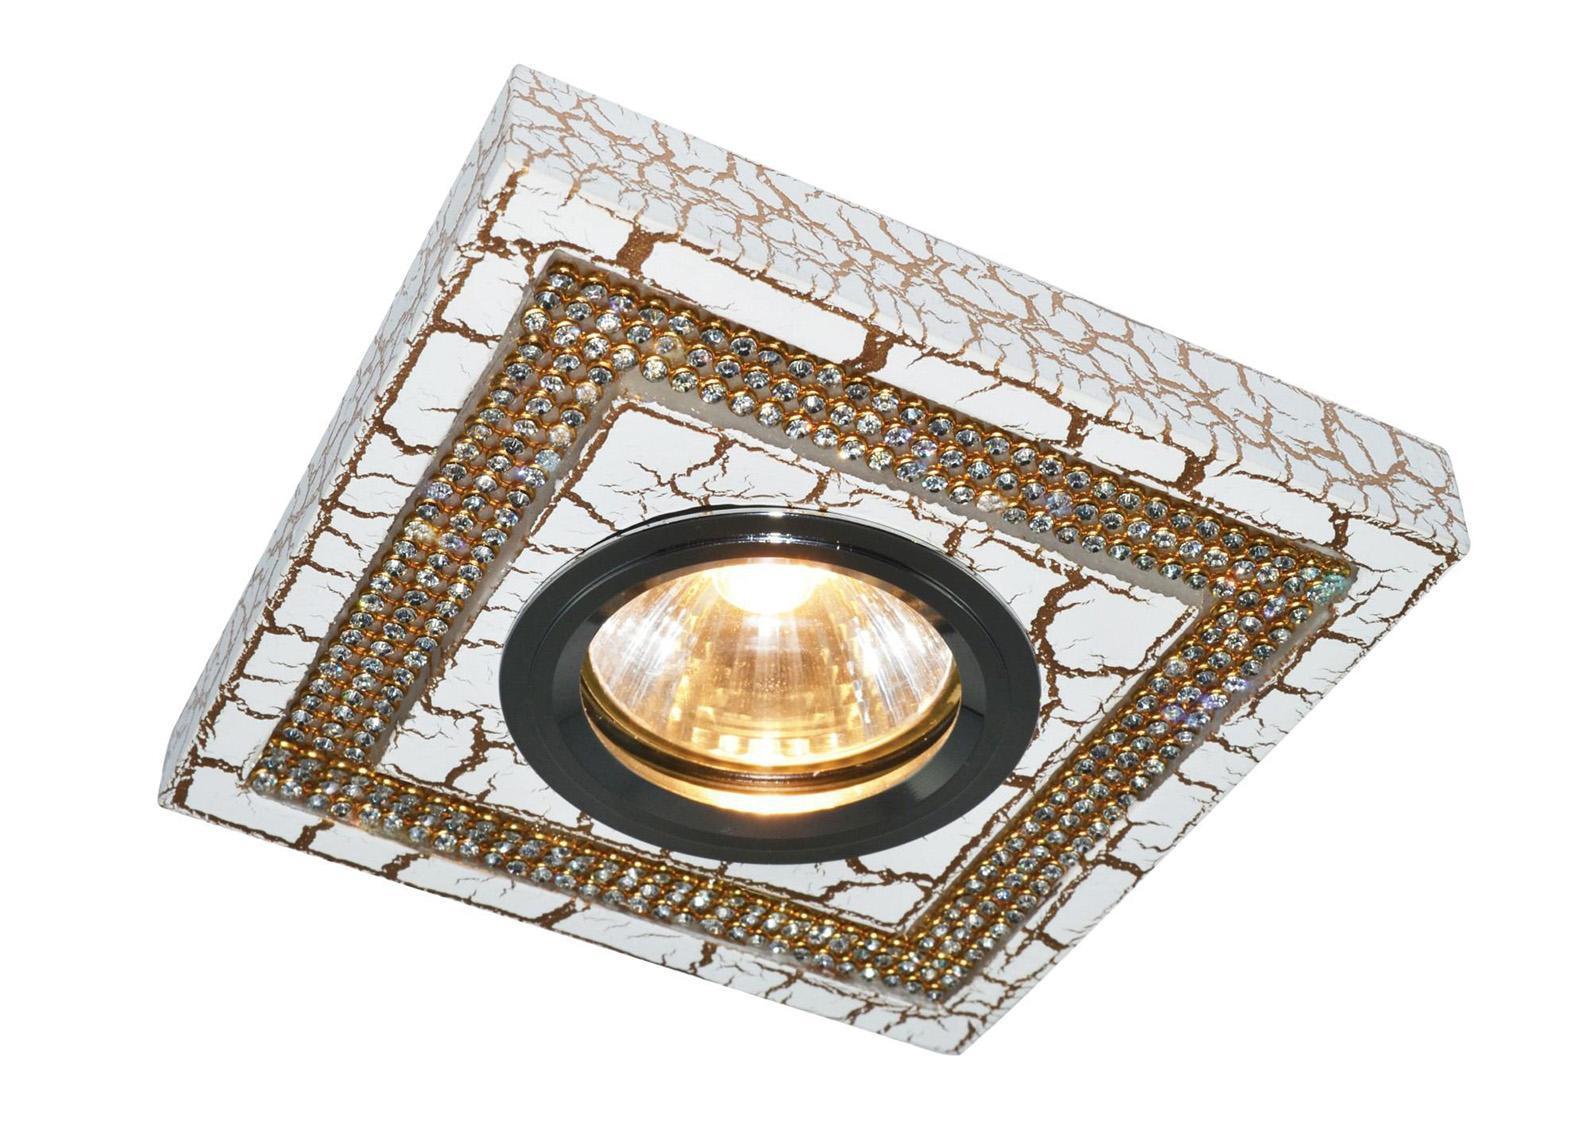 A5340PL-1WG TERRACOTTA Встраиваемый светильникA5340PL-1WG1x50W; патроны GU10 и G5,3 в комплекте Материал: Арматура: ПолимерРазмер: 110x110x30Цвет: Бело-золотой